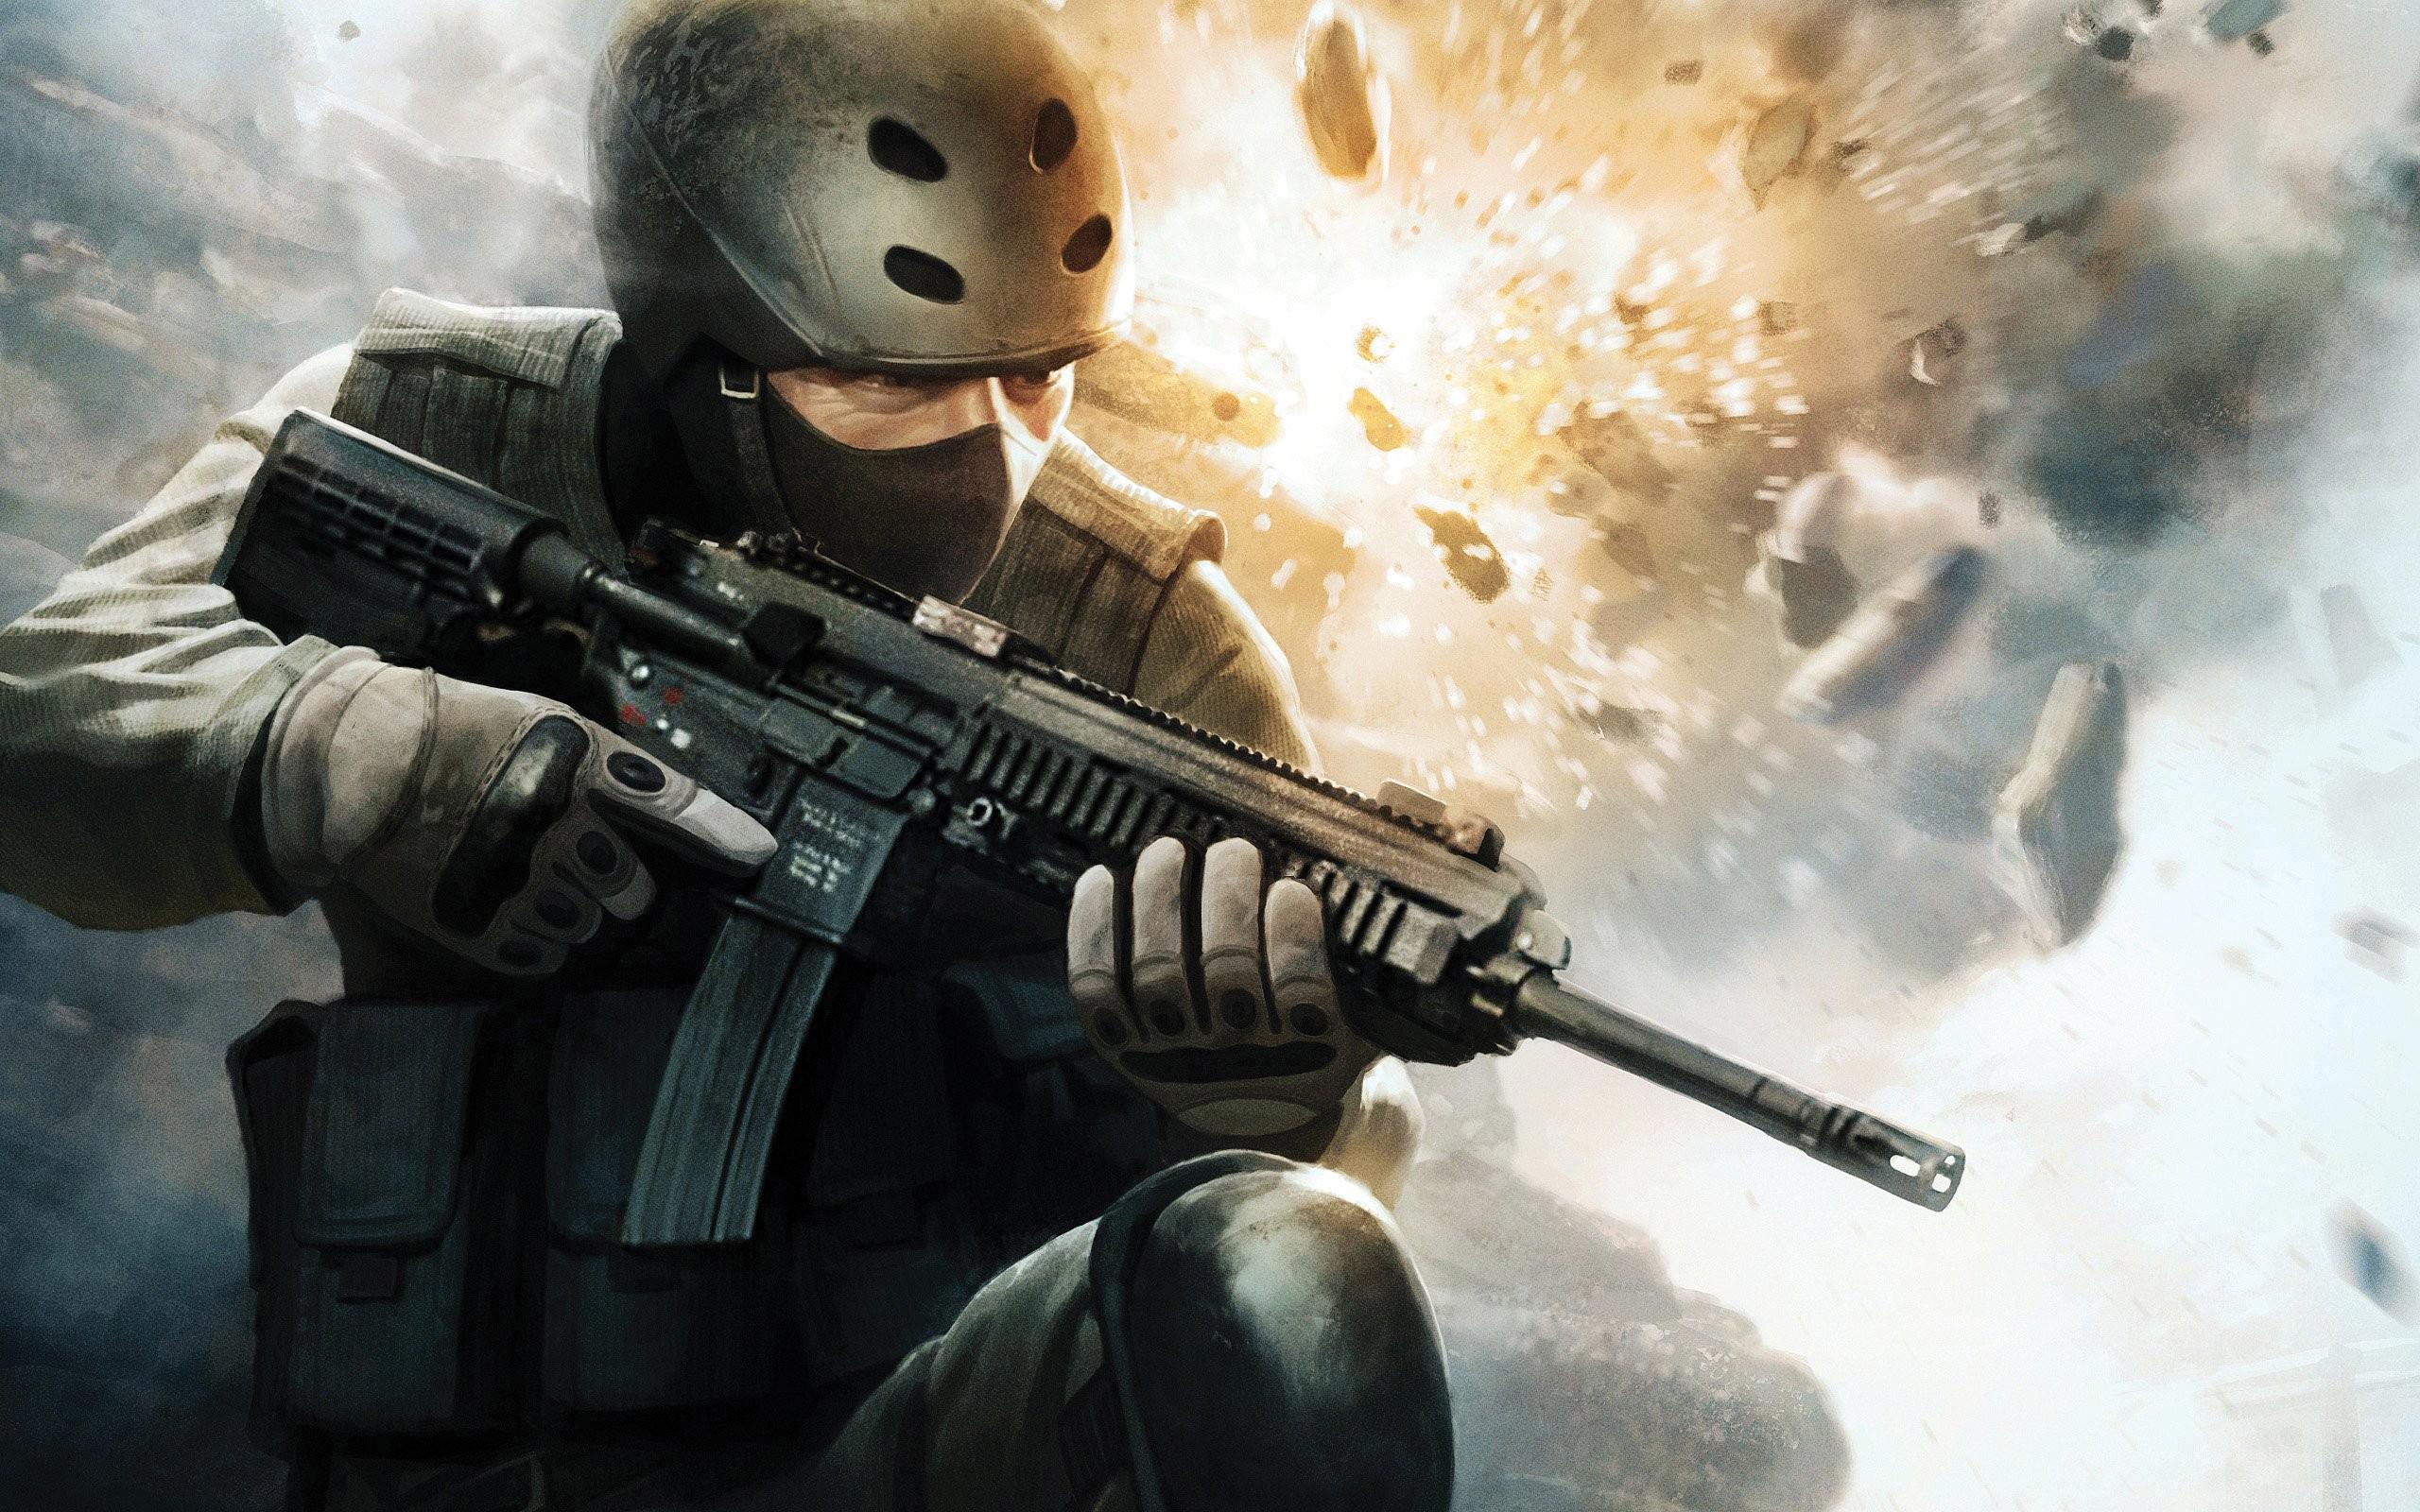 video-games-battle-war-explosion-gun